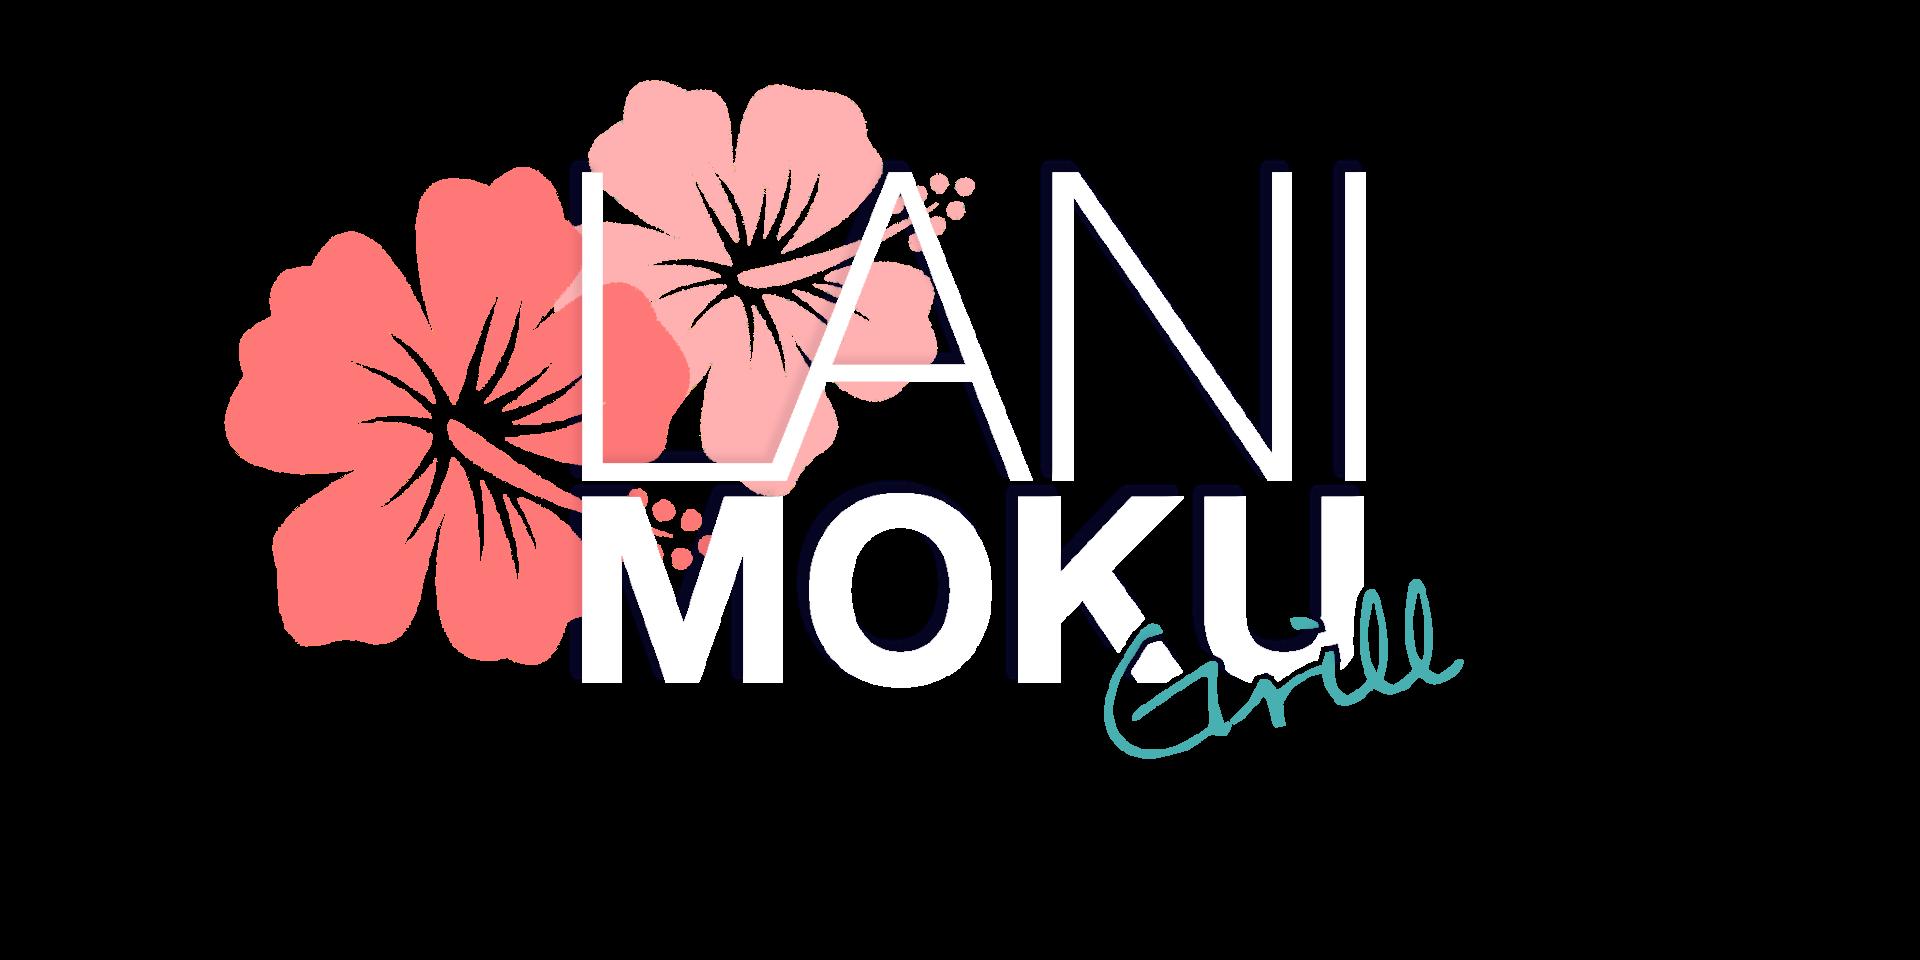 LaniMoku